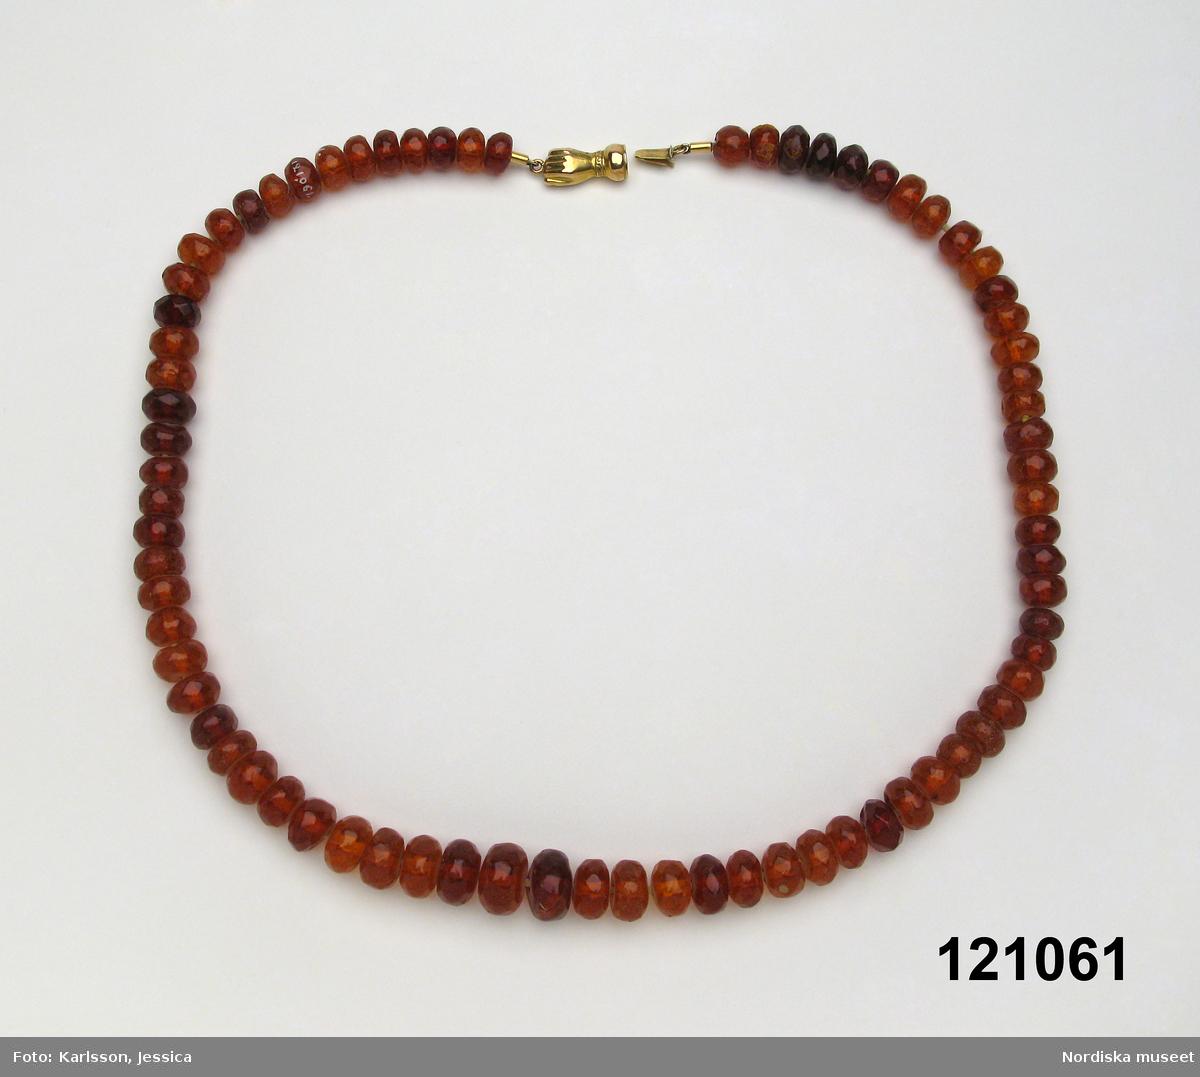 Materialet är bärnsten, metall och syntetisk tråd enligt konservator Thea Winther 2010.